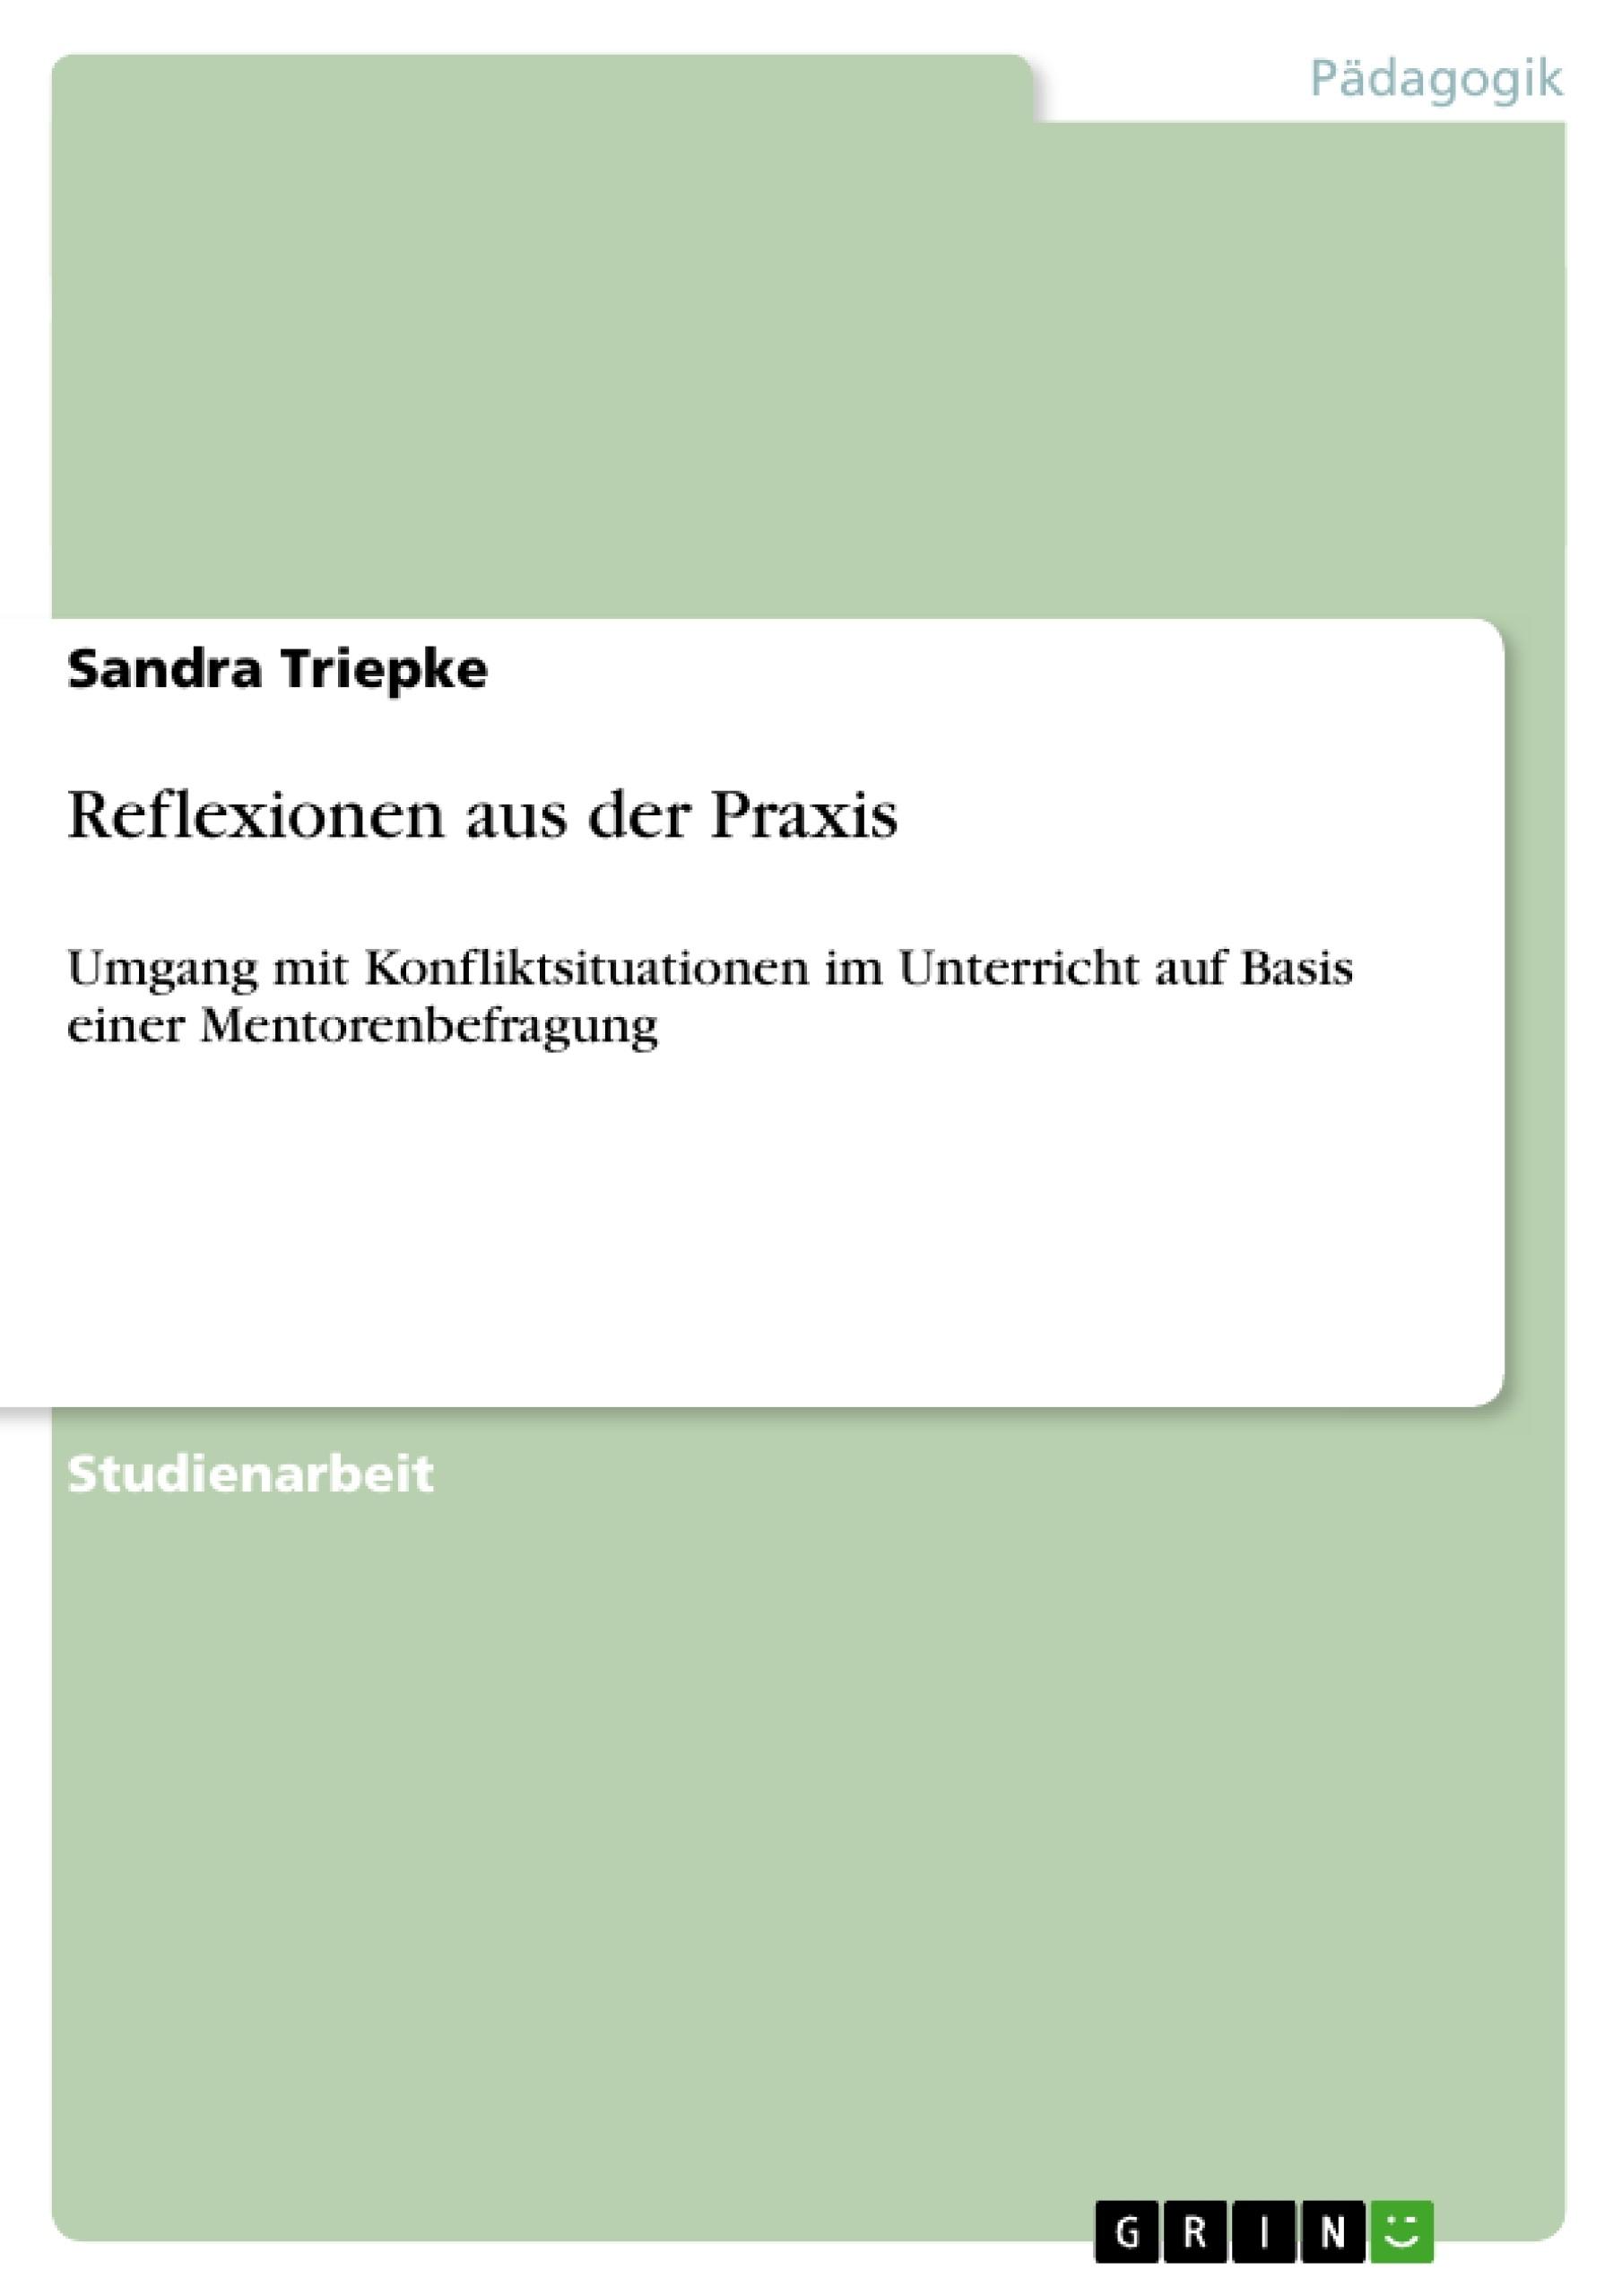 Titel: Reflexionen aus der Praxis